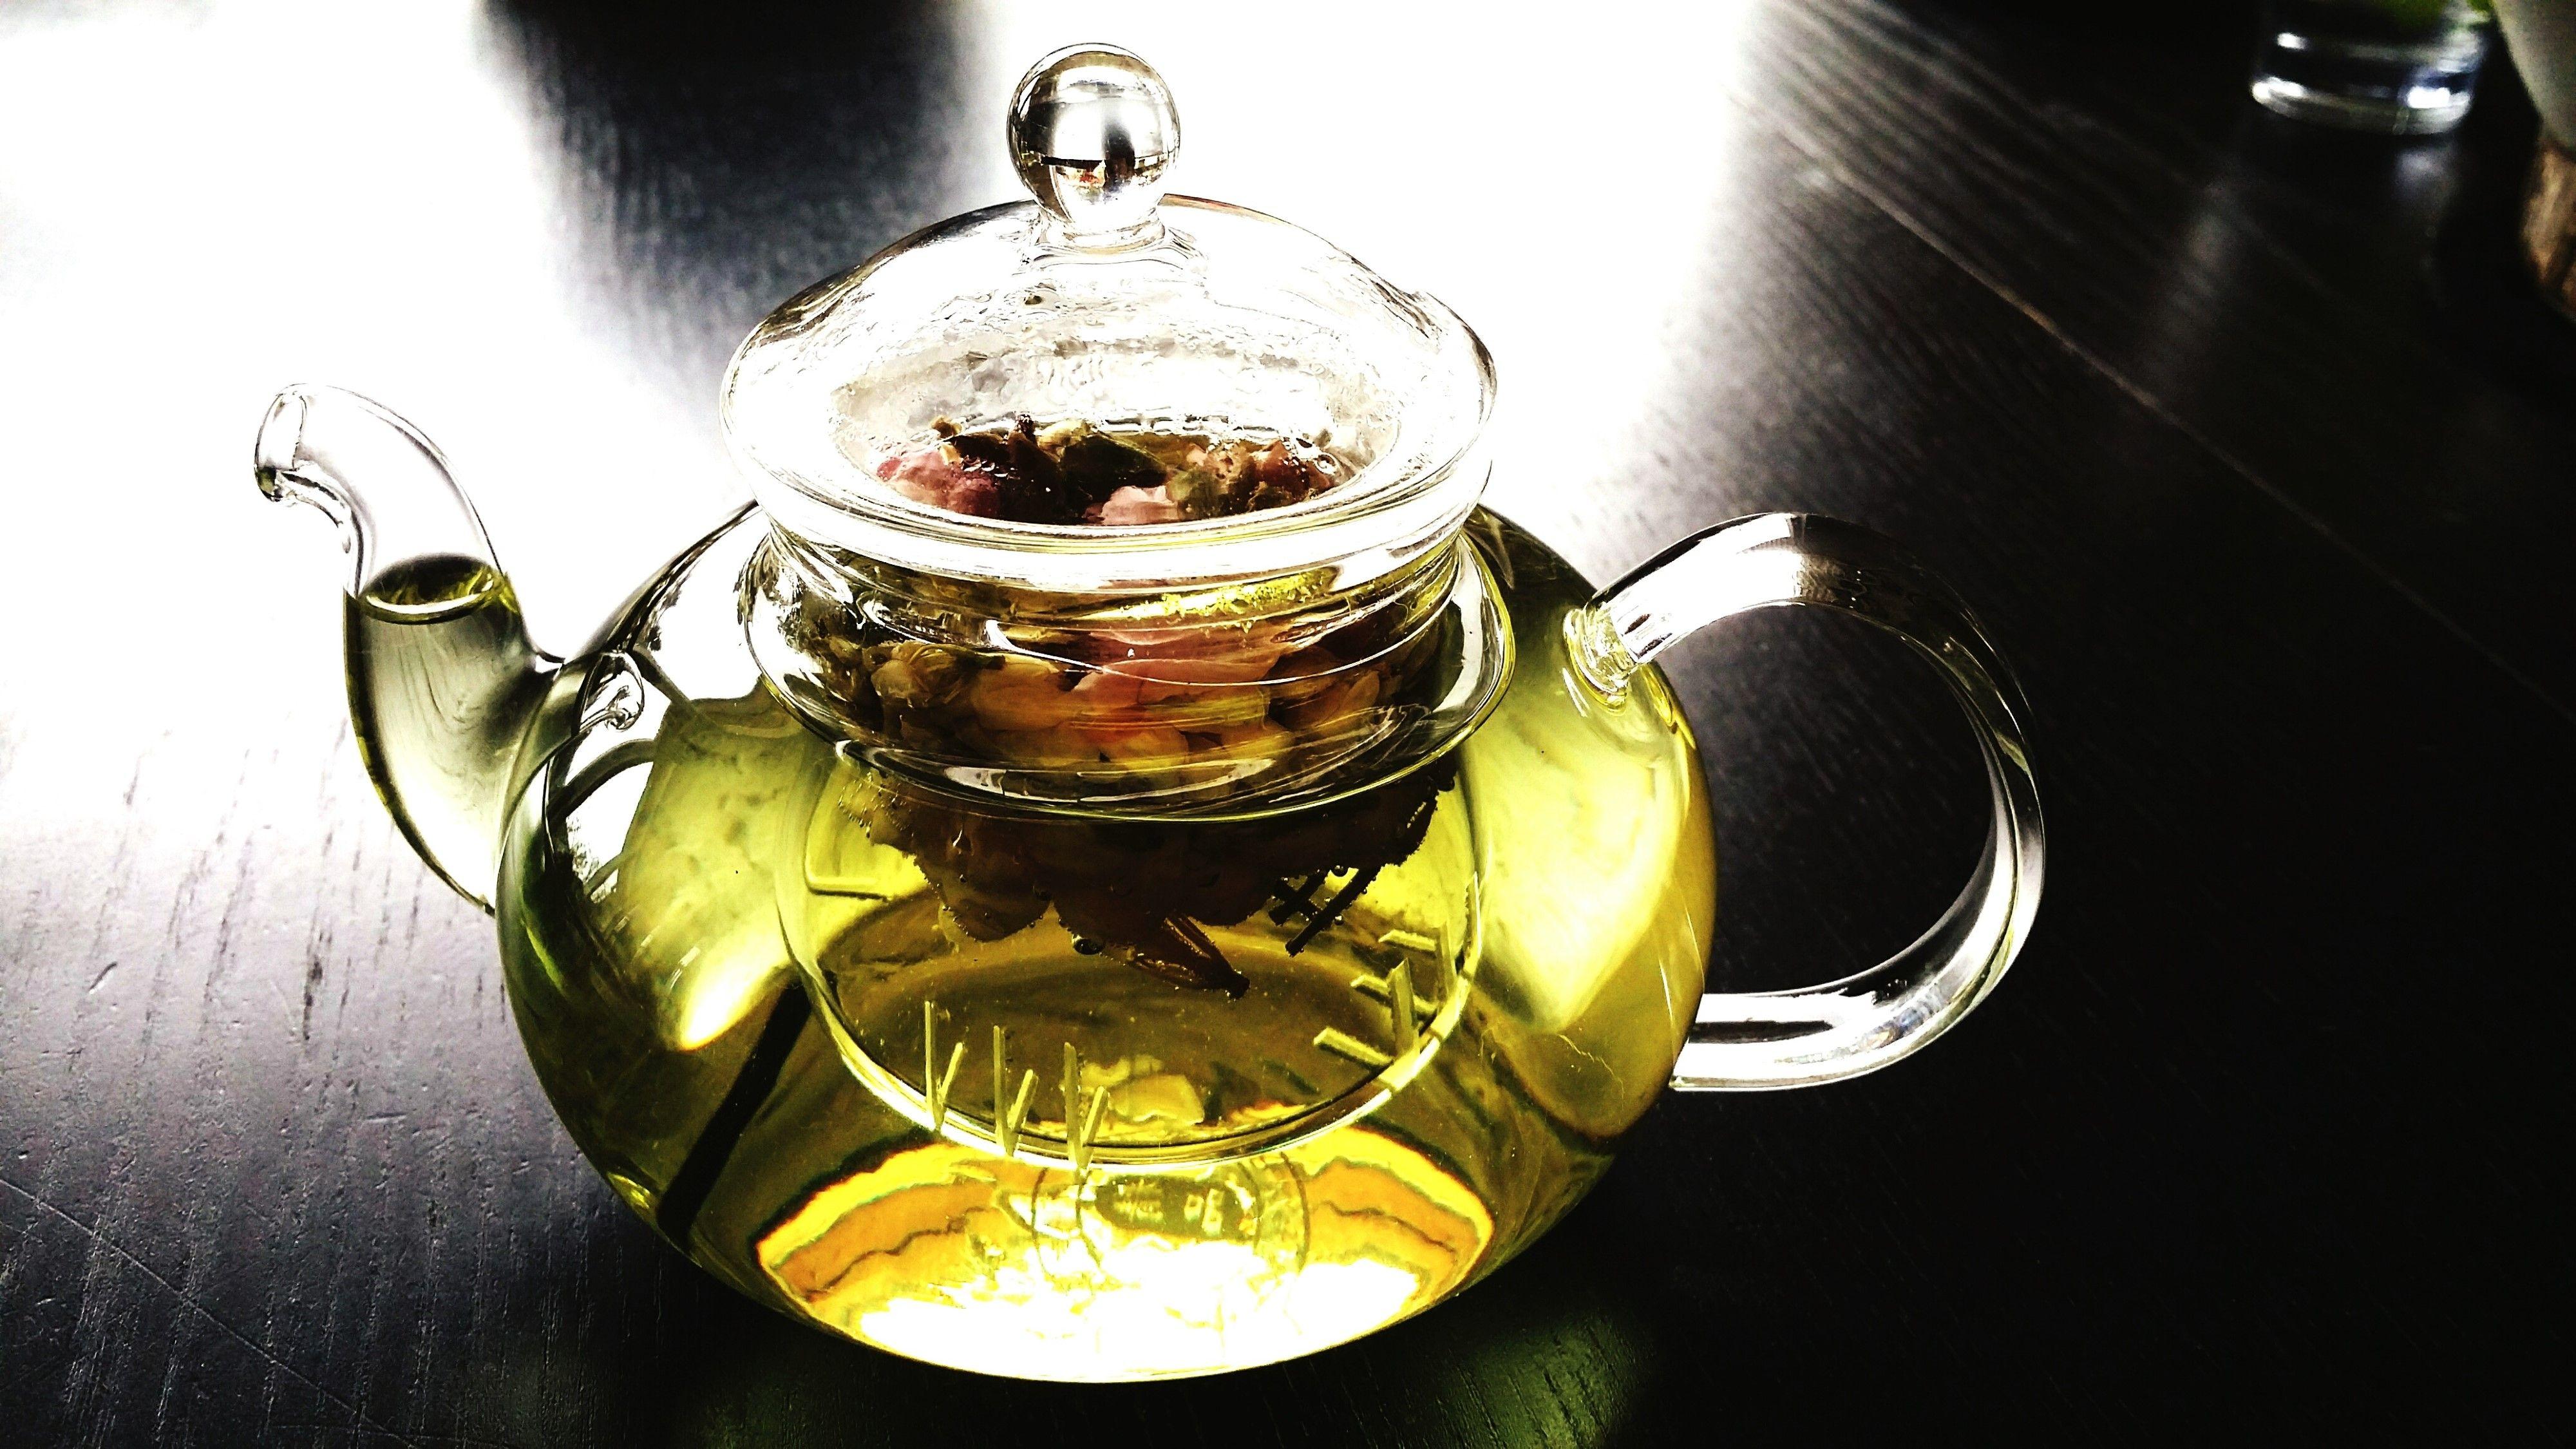 <p>Molti conoscono il potere antiossidante del tè verde per combattere i radicali liberi, tra i responsabili dell'invecchiamento. Ma questa bevanda contribuisce anche a regolare i livelli di colesterolo, svolge un'azione protettiva contro le malattie cardiovascolari  ed è di aiuto in caso di diabete di tipo 2, in quanto equilibra i livelli di zucchero nel sangue.</p>